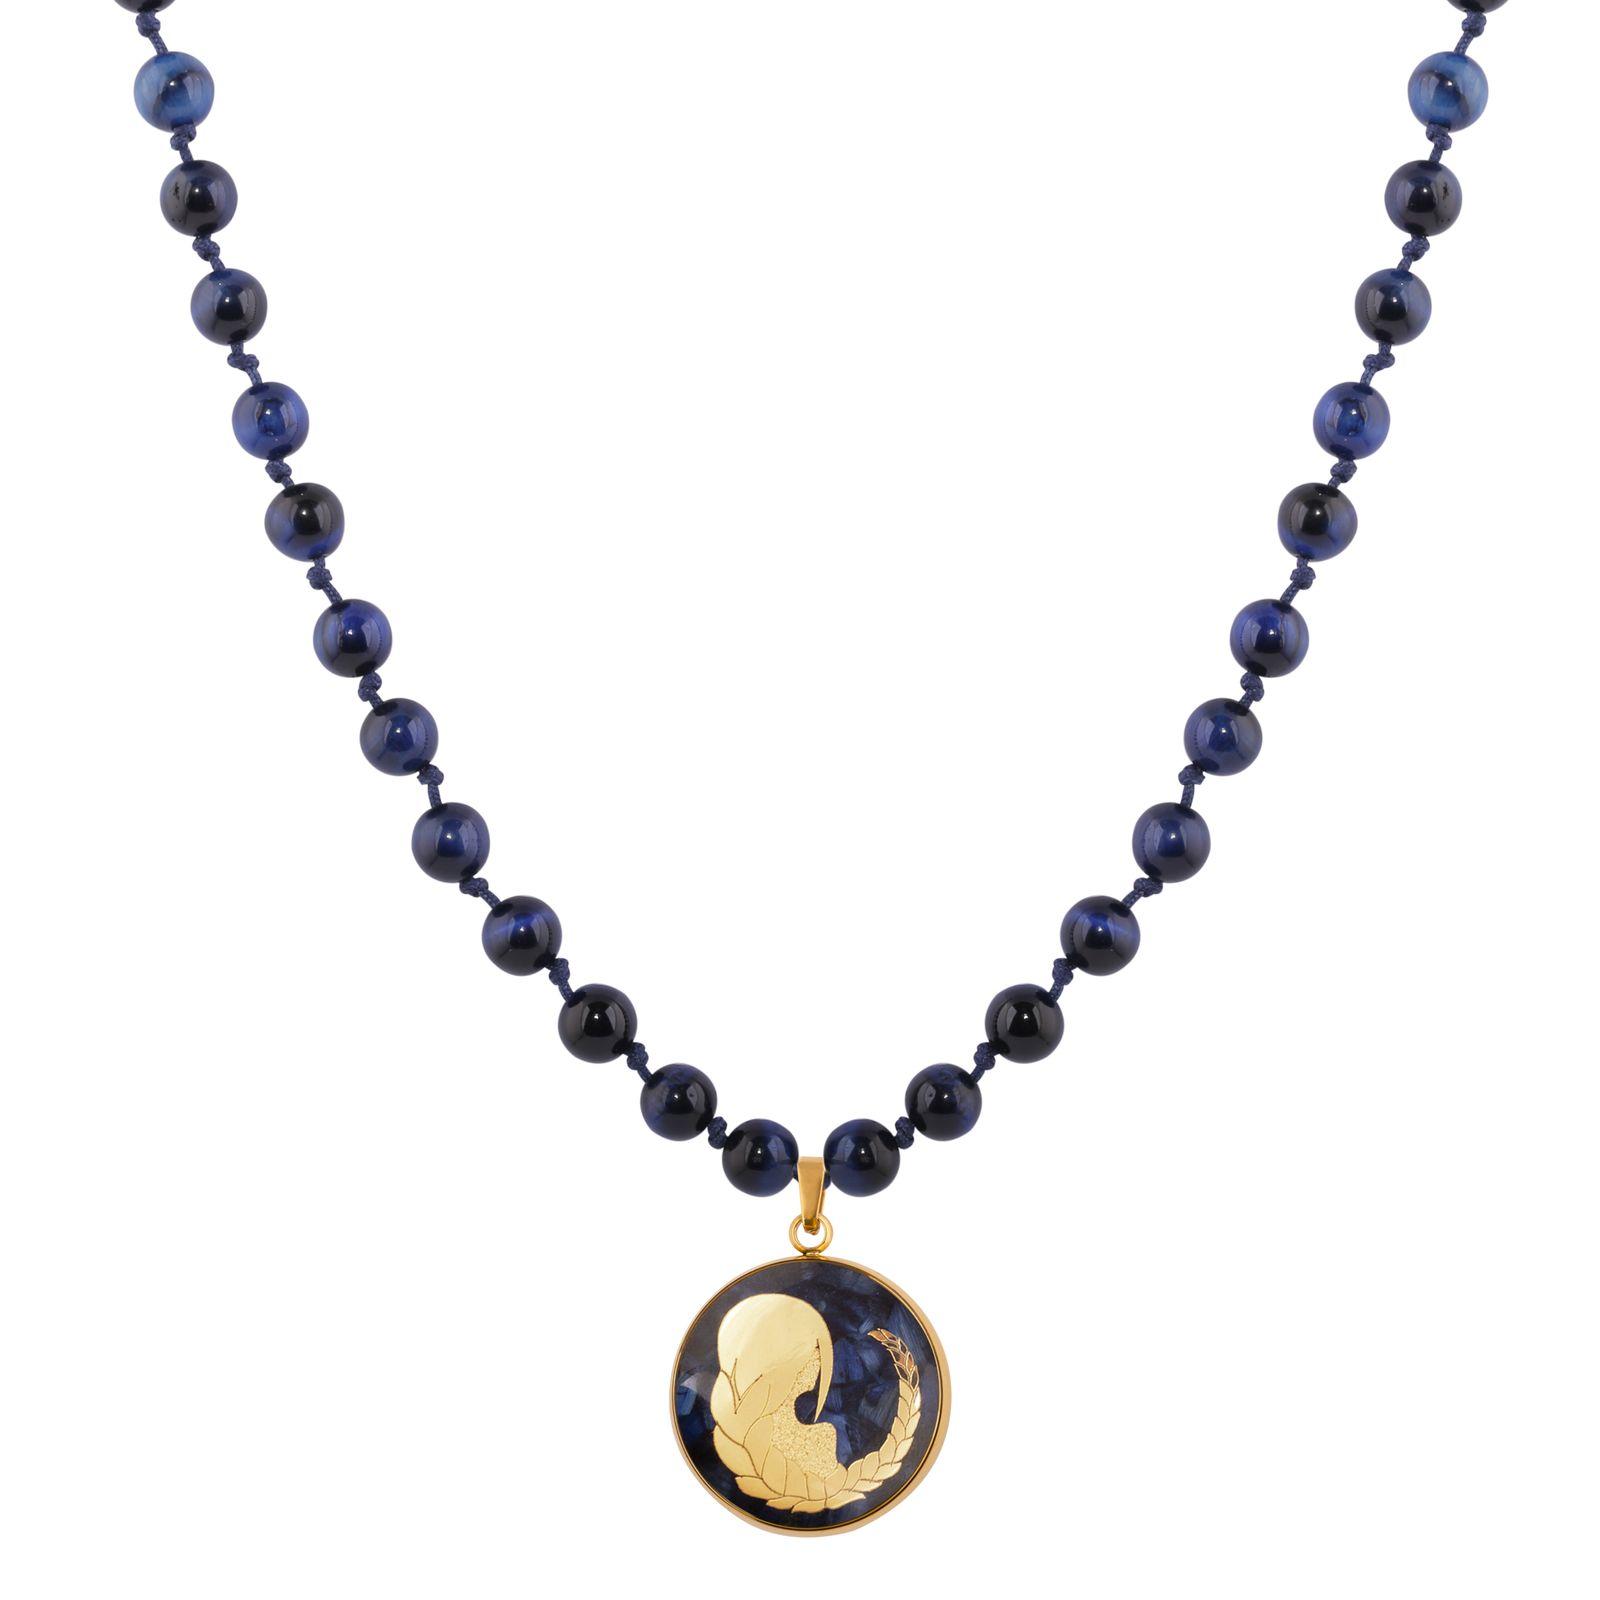 گردنبند زنانه الون طرح نماد ماه شهریور  کد TIG102 -  - 2